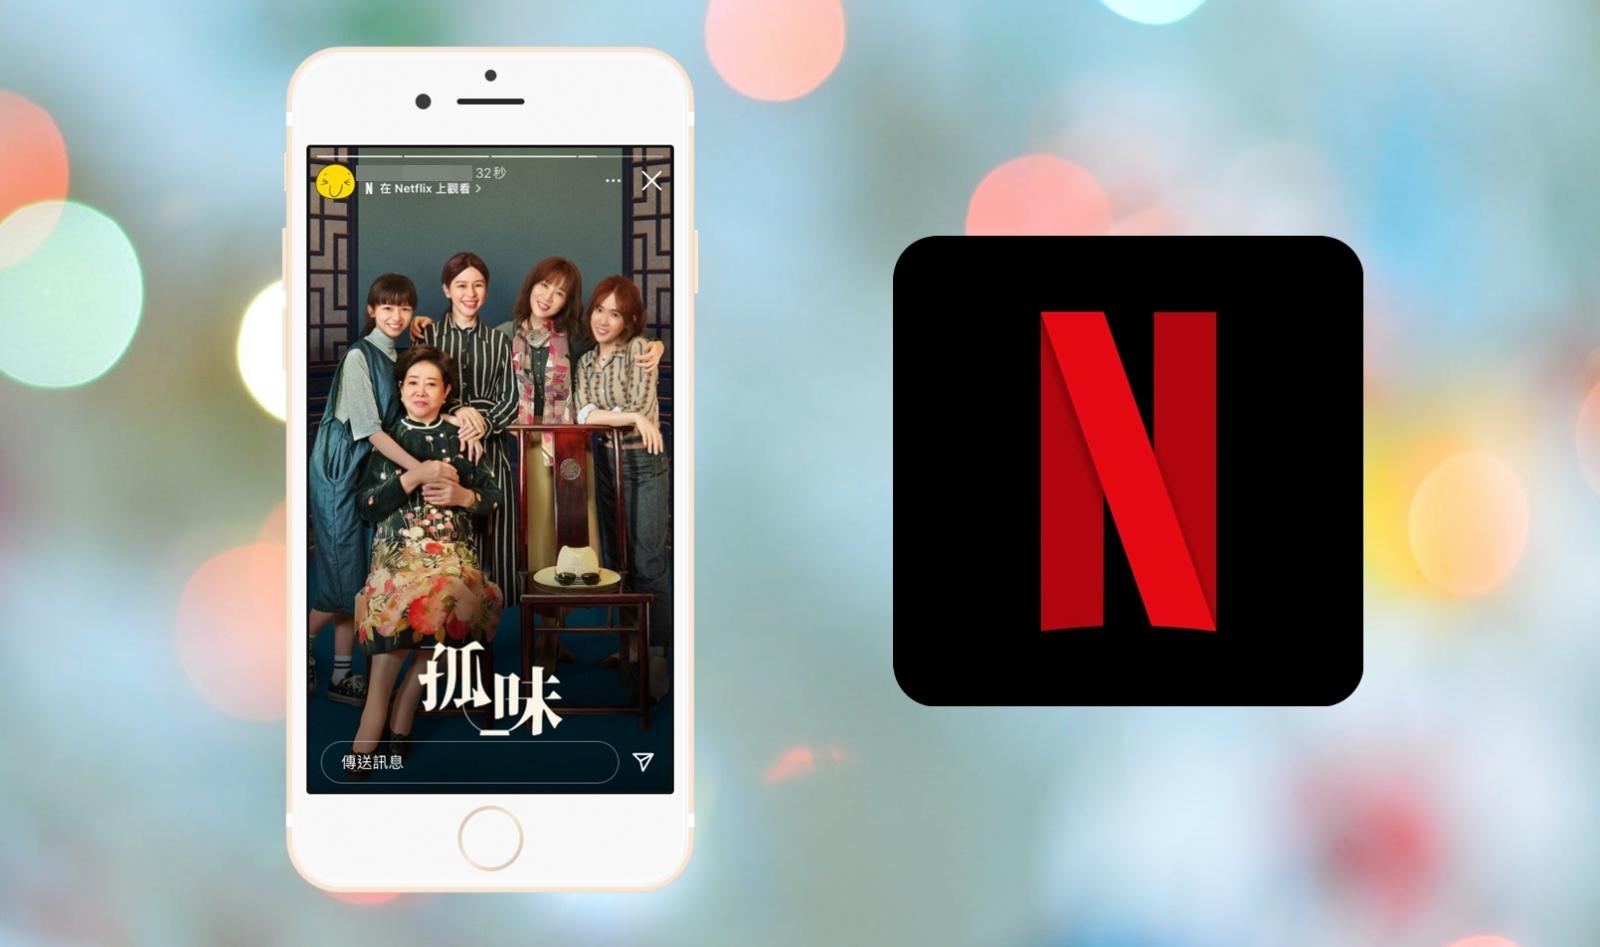 【科技新知】Netflix影片連結如何分享到IG限時動態?教你一鍵搞定!